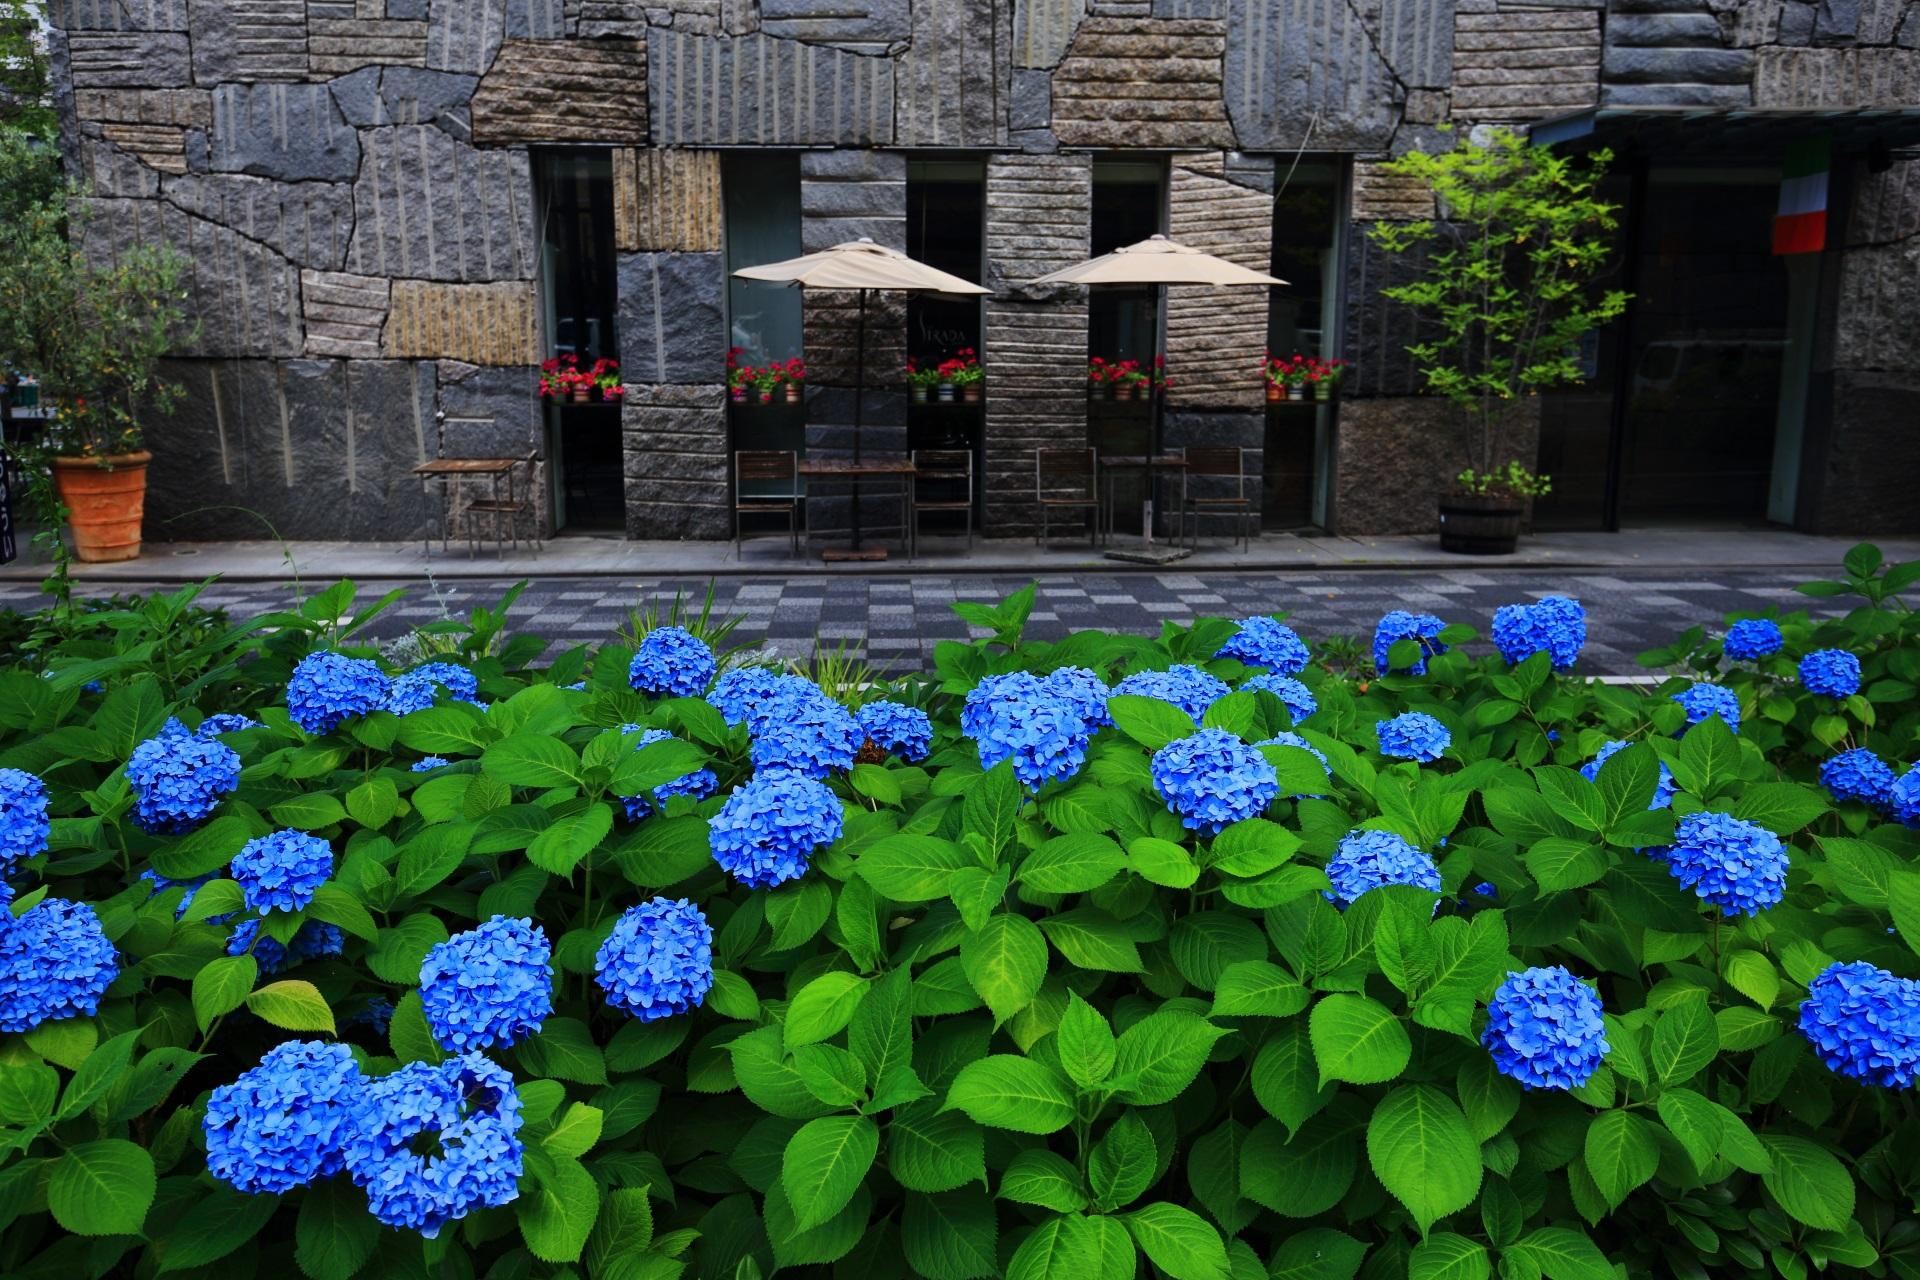 イタリア料理店の「リストランテ・ストラーダ」前の紫陽花